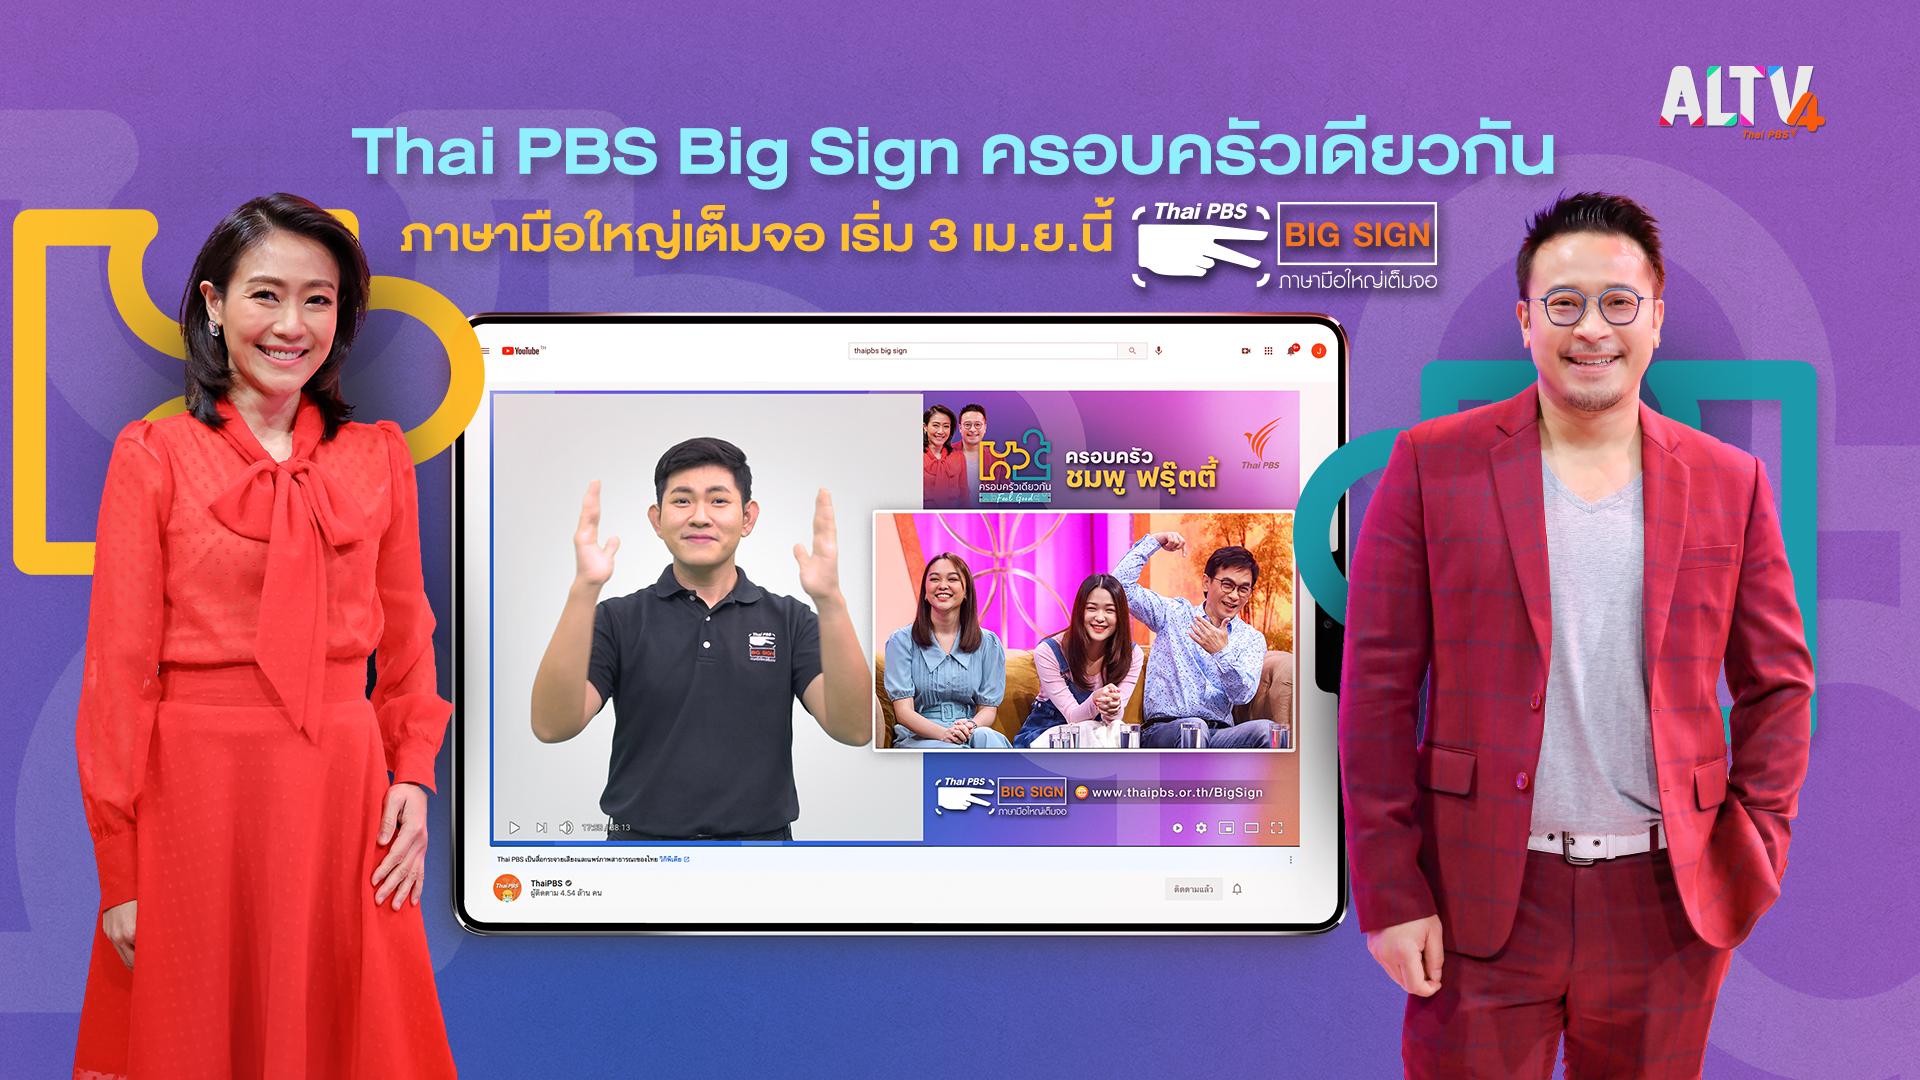 """""""Thai PBS Big Sign ครอบครัวเดียวกัน"""" ดูพร้อมกันทั้งครอบครัวทางหน้าจอและออนไลน์กับ Big Sign"""